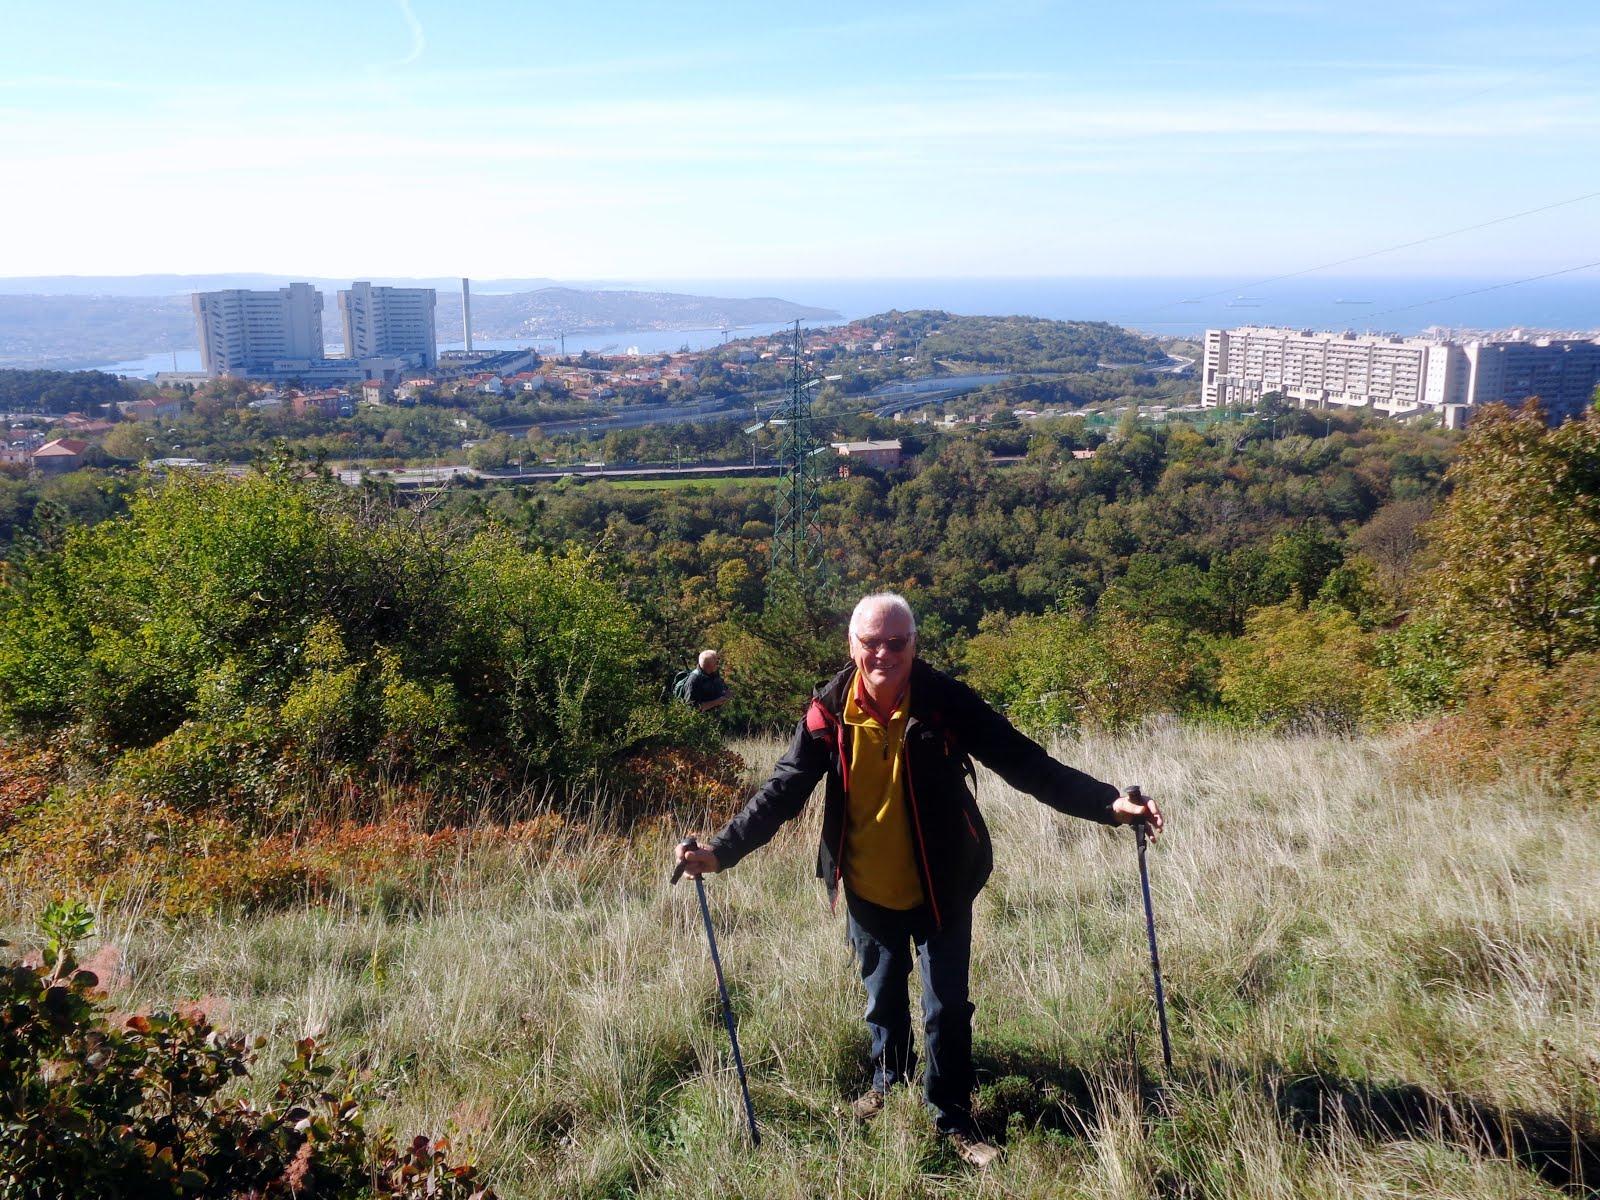 Gita d'apertura 2016 - 17 gennaio - Parchi, ville, boschi e rioni del circondario di Trieste